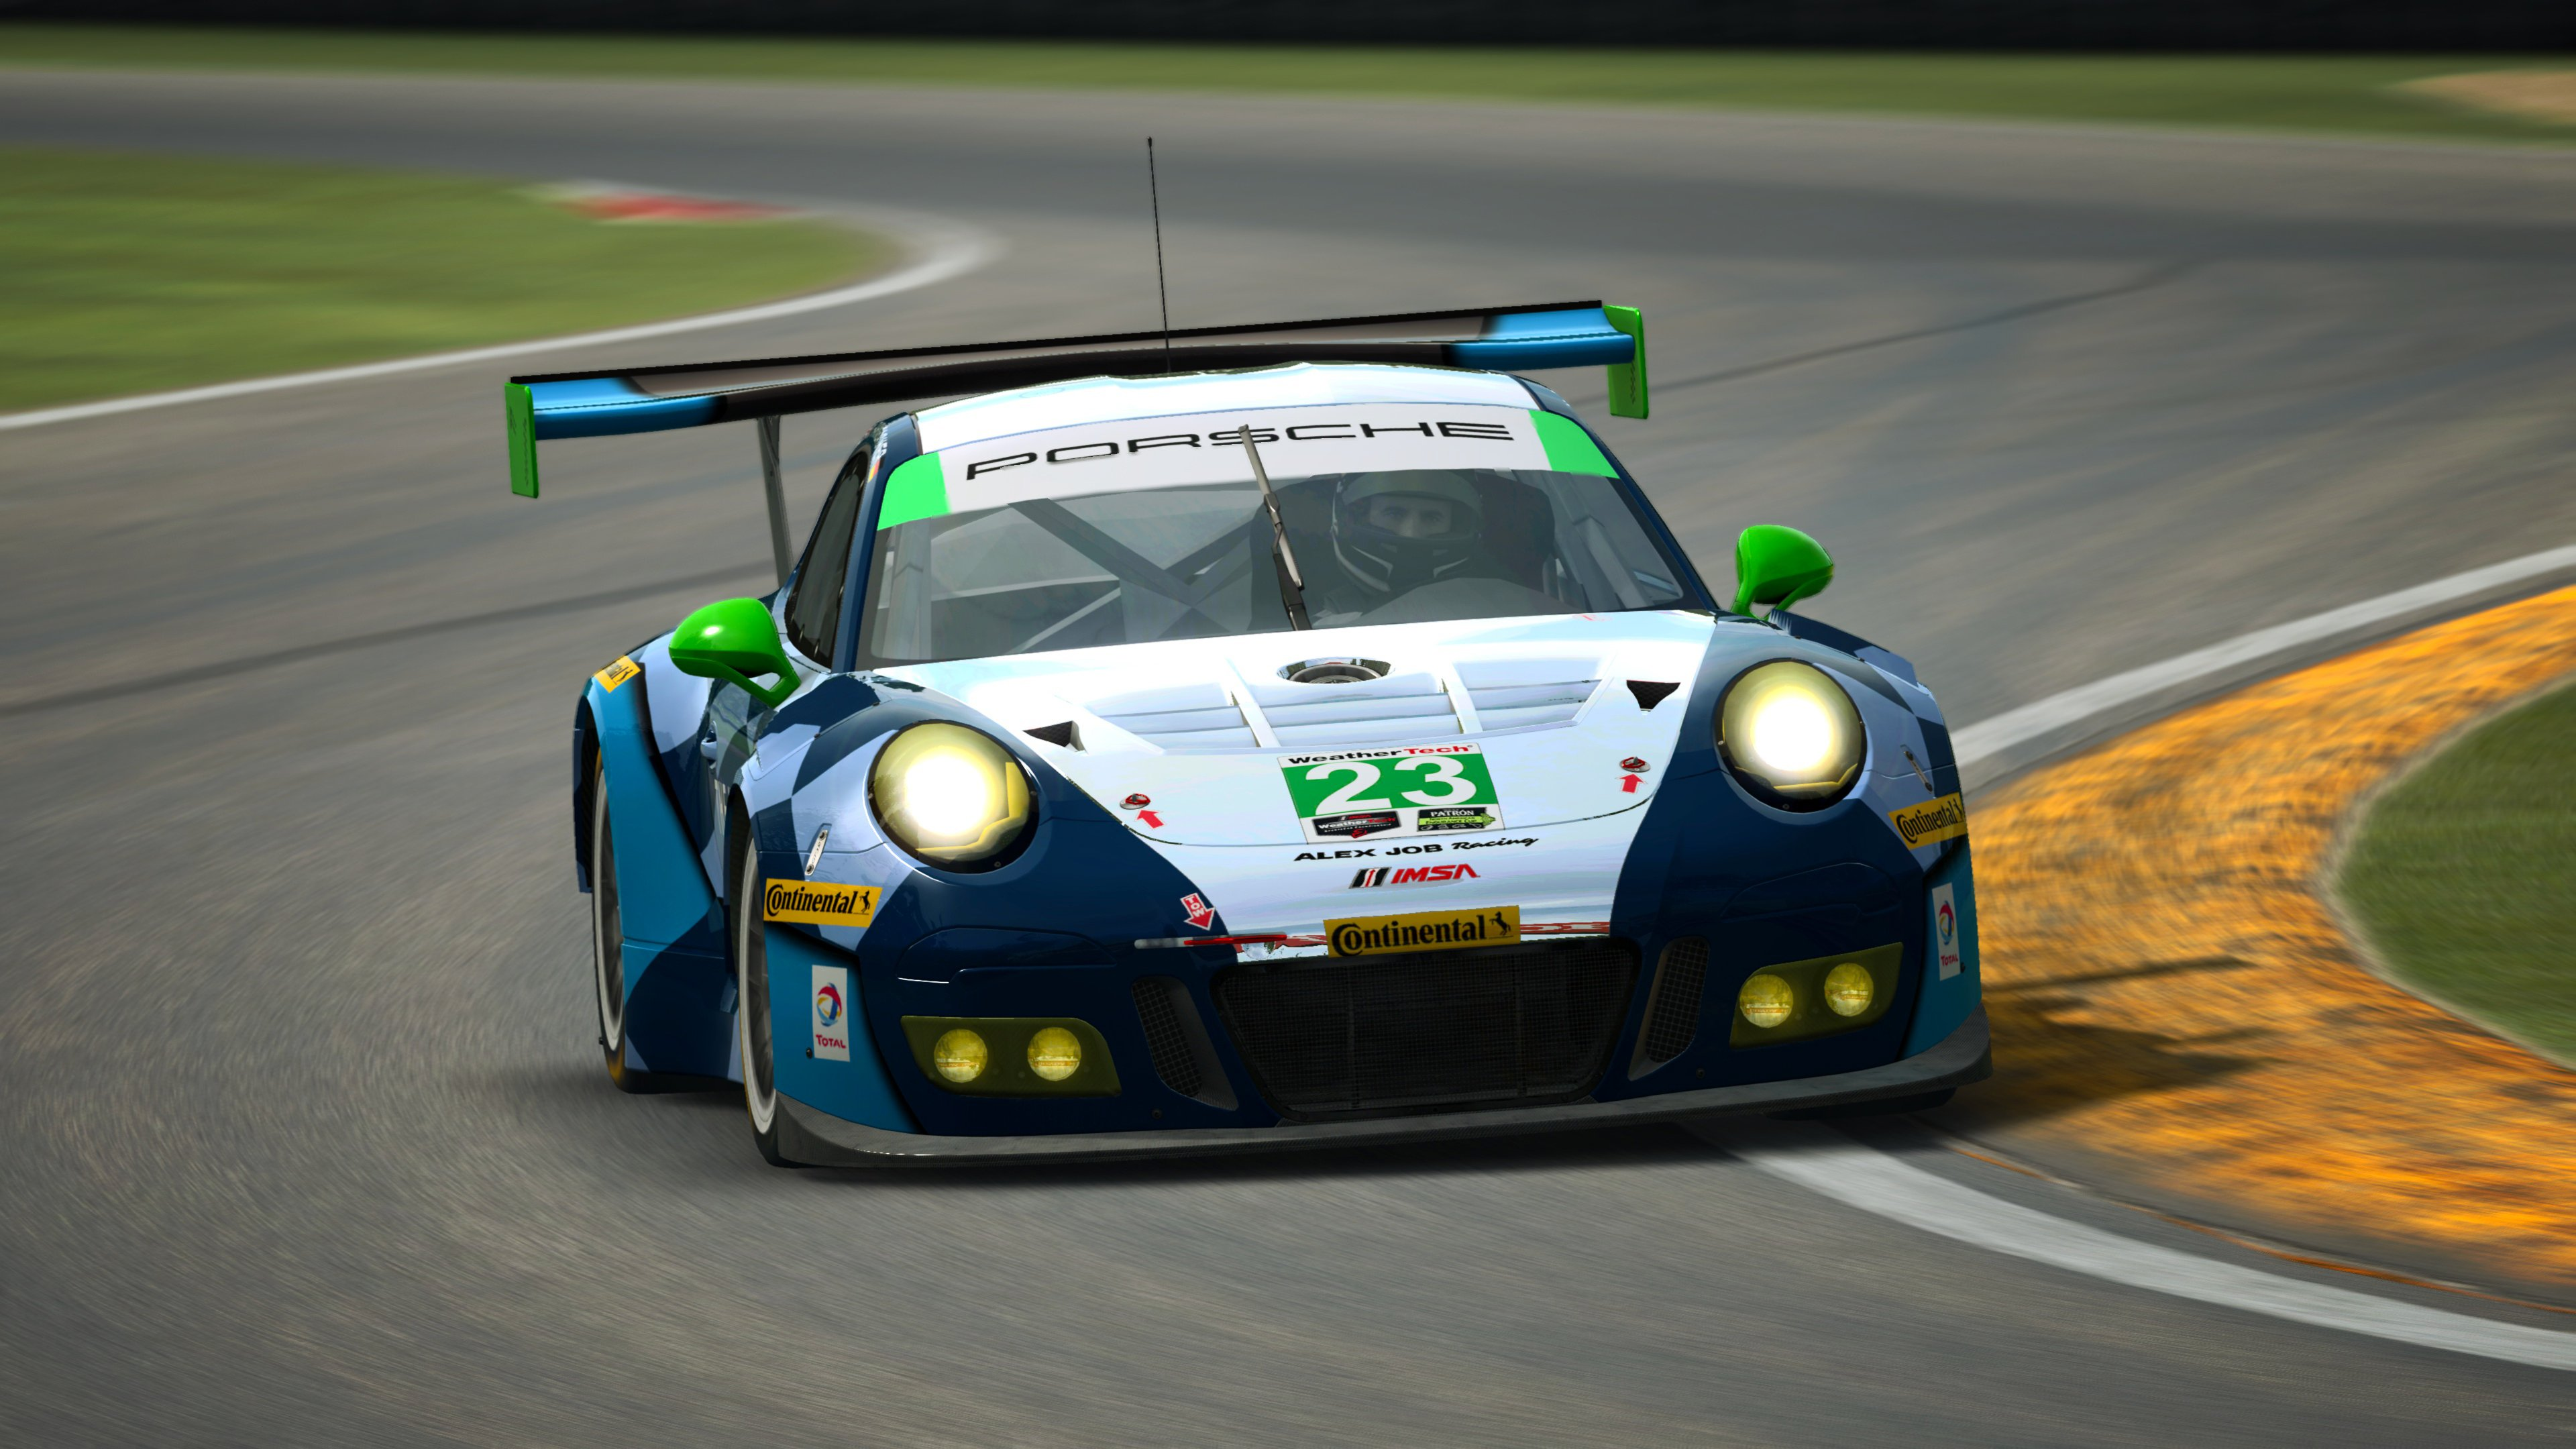 RaceRoom Porsche 911 GT3 R 38